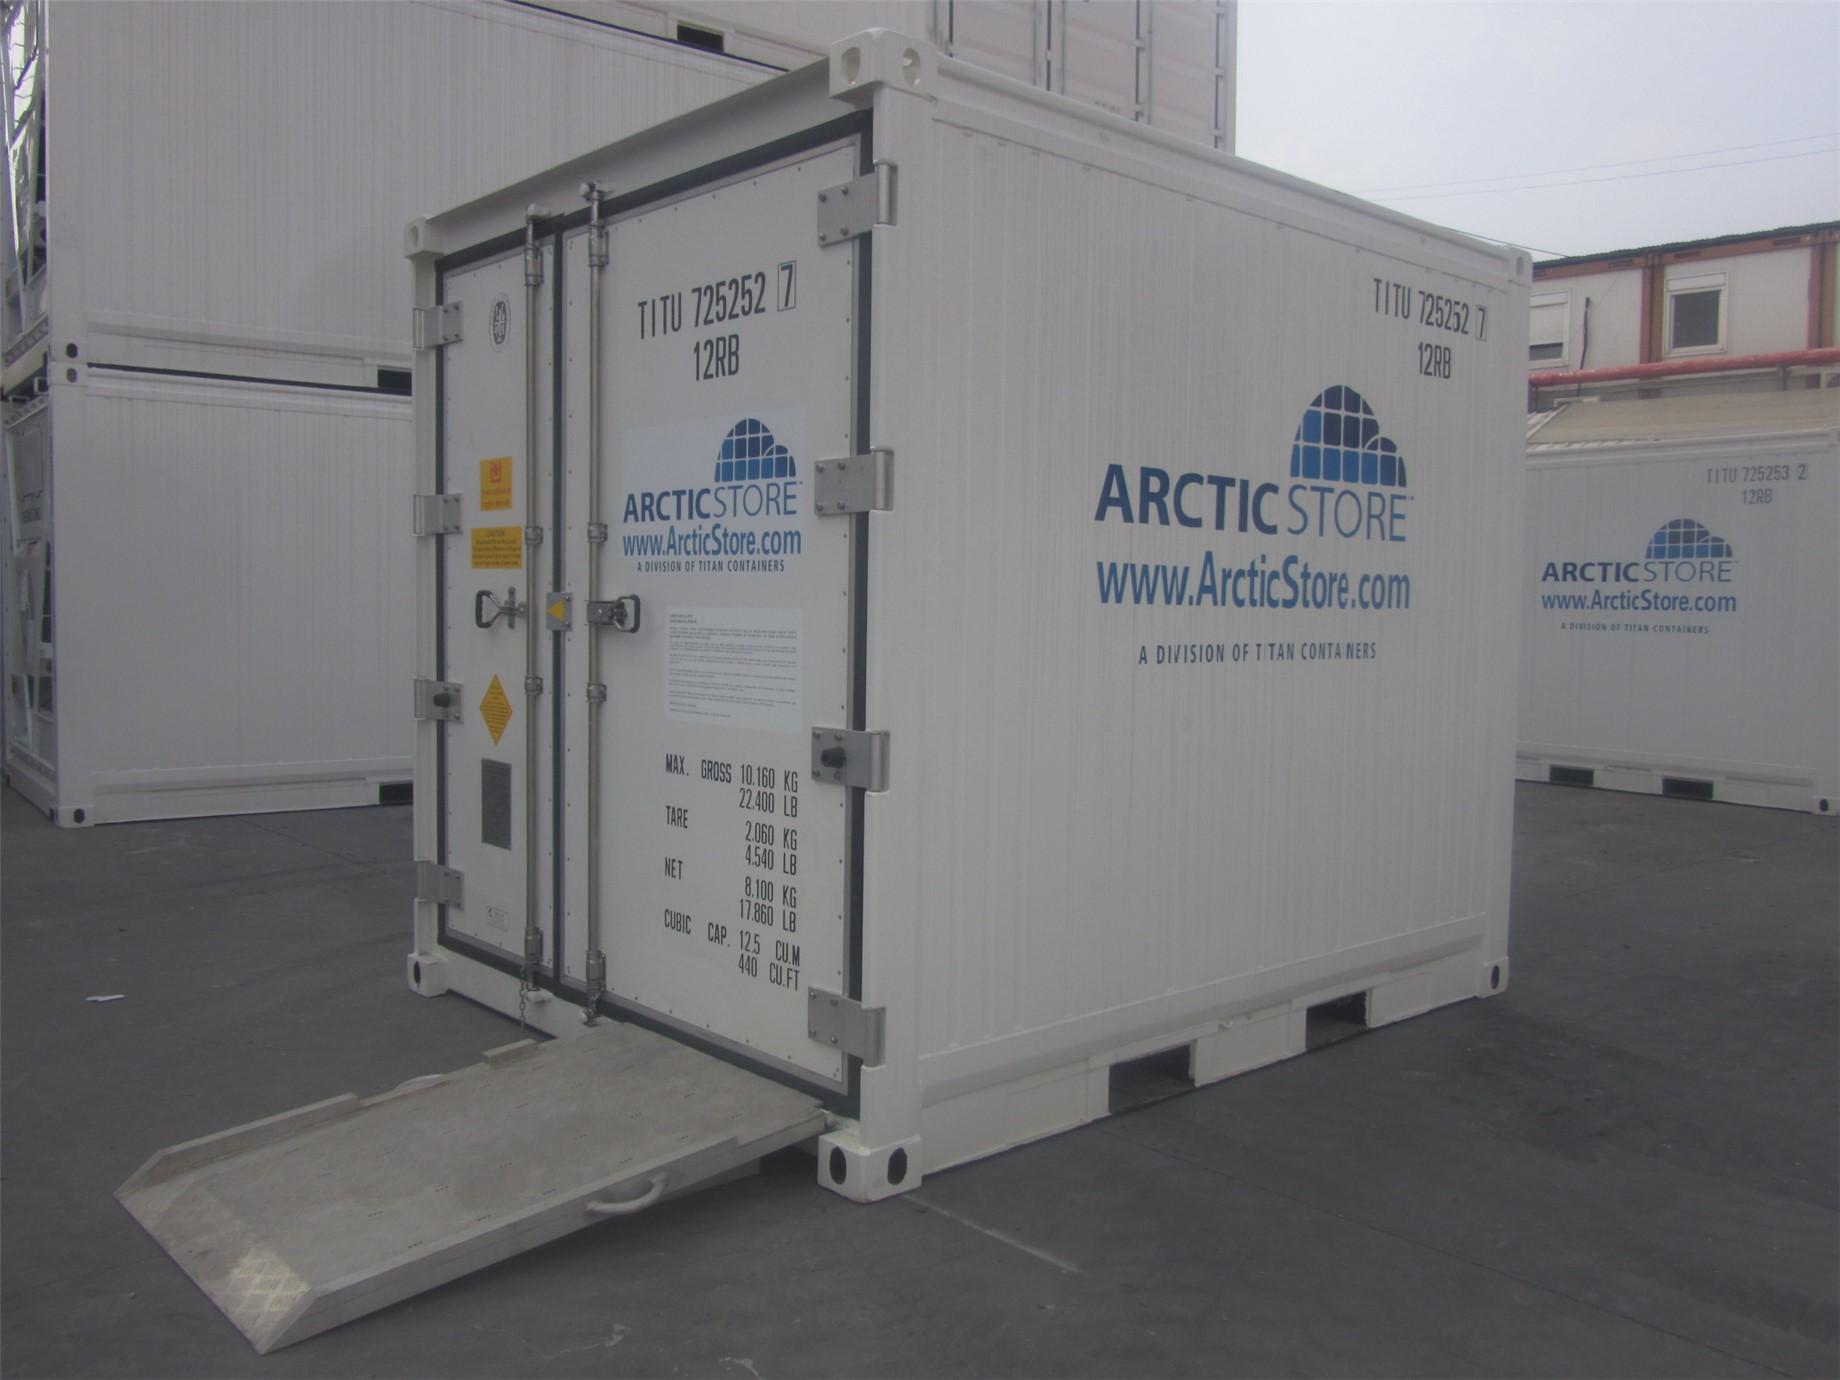 10' (3 m) ArcticStore modelimiz. Depolama ve hızlı soğutma, şoklama için kullanılabilir.